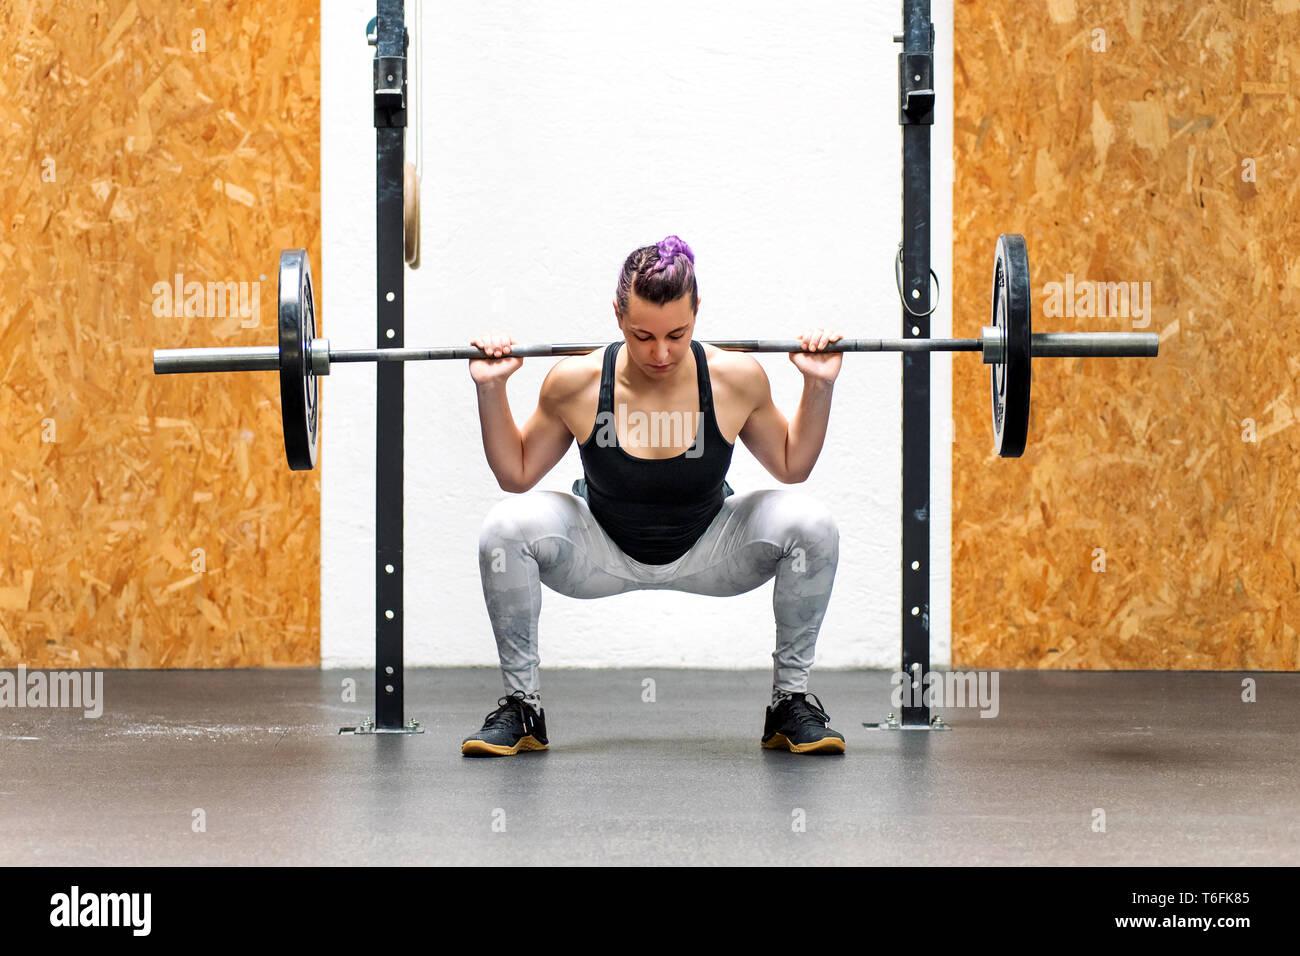 Jungen Mädchen eine zurück Kniebeugen mit Langhantel Gewicht über den Rücken von den Schultern in einem Fitnessstudio ruhen Stockbild